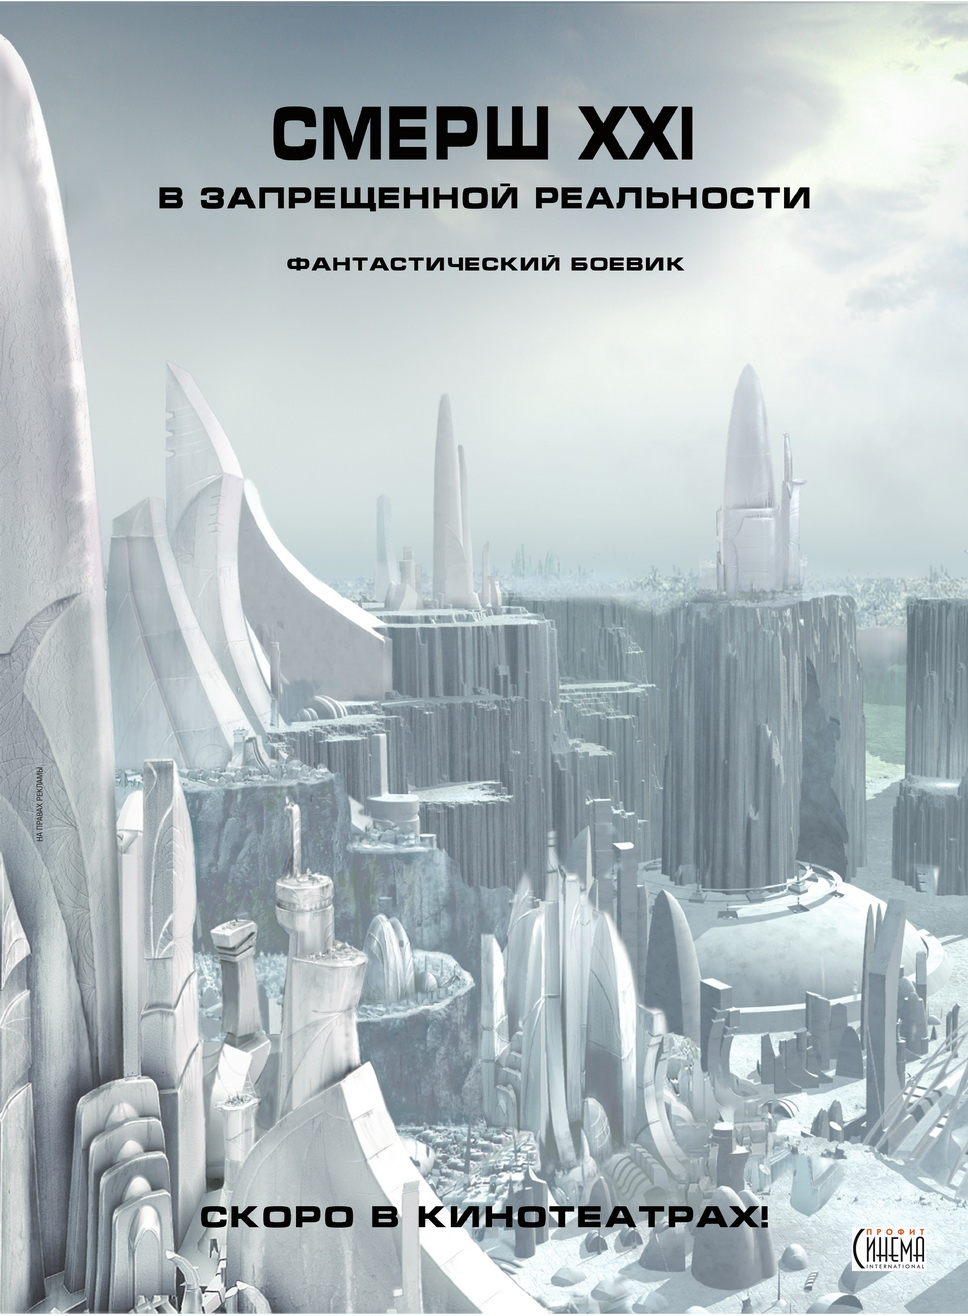 Запрещённая реальность, постер № 1